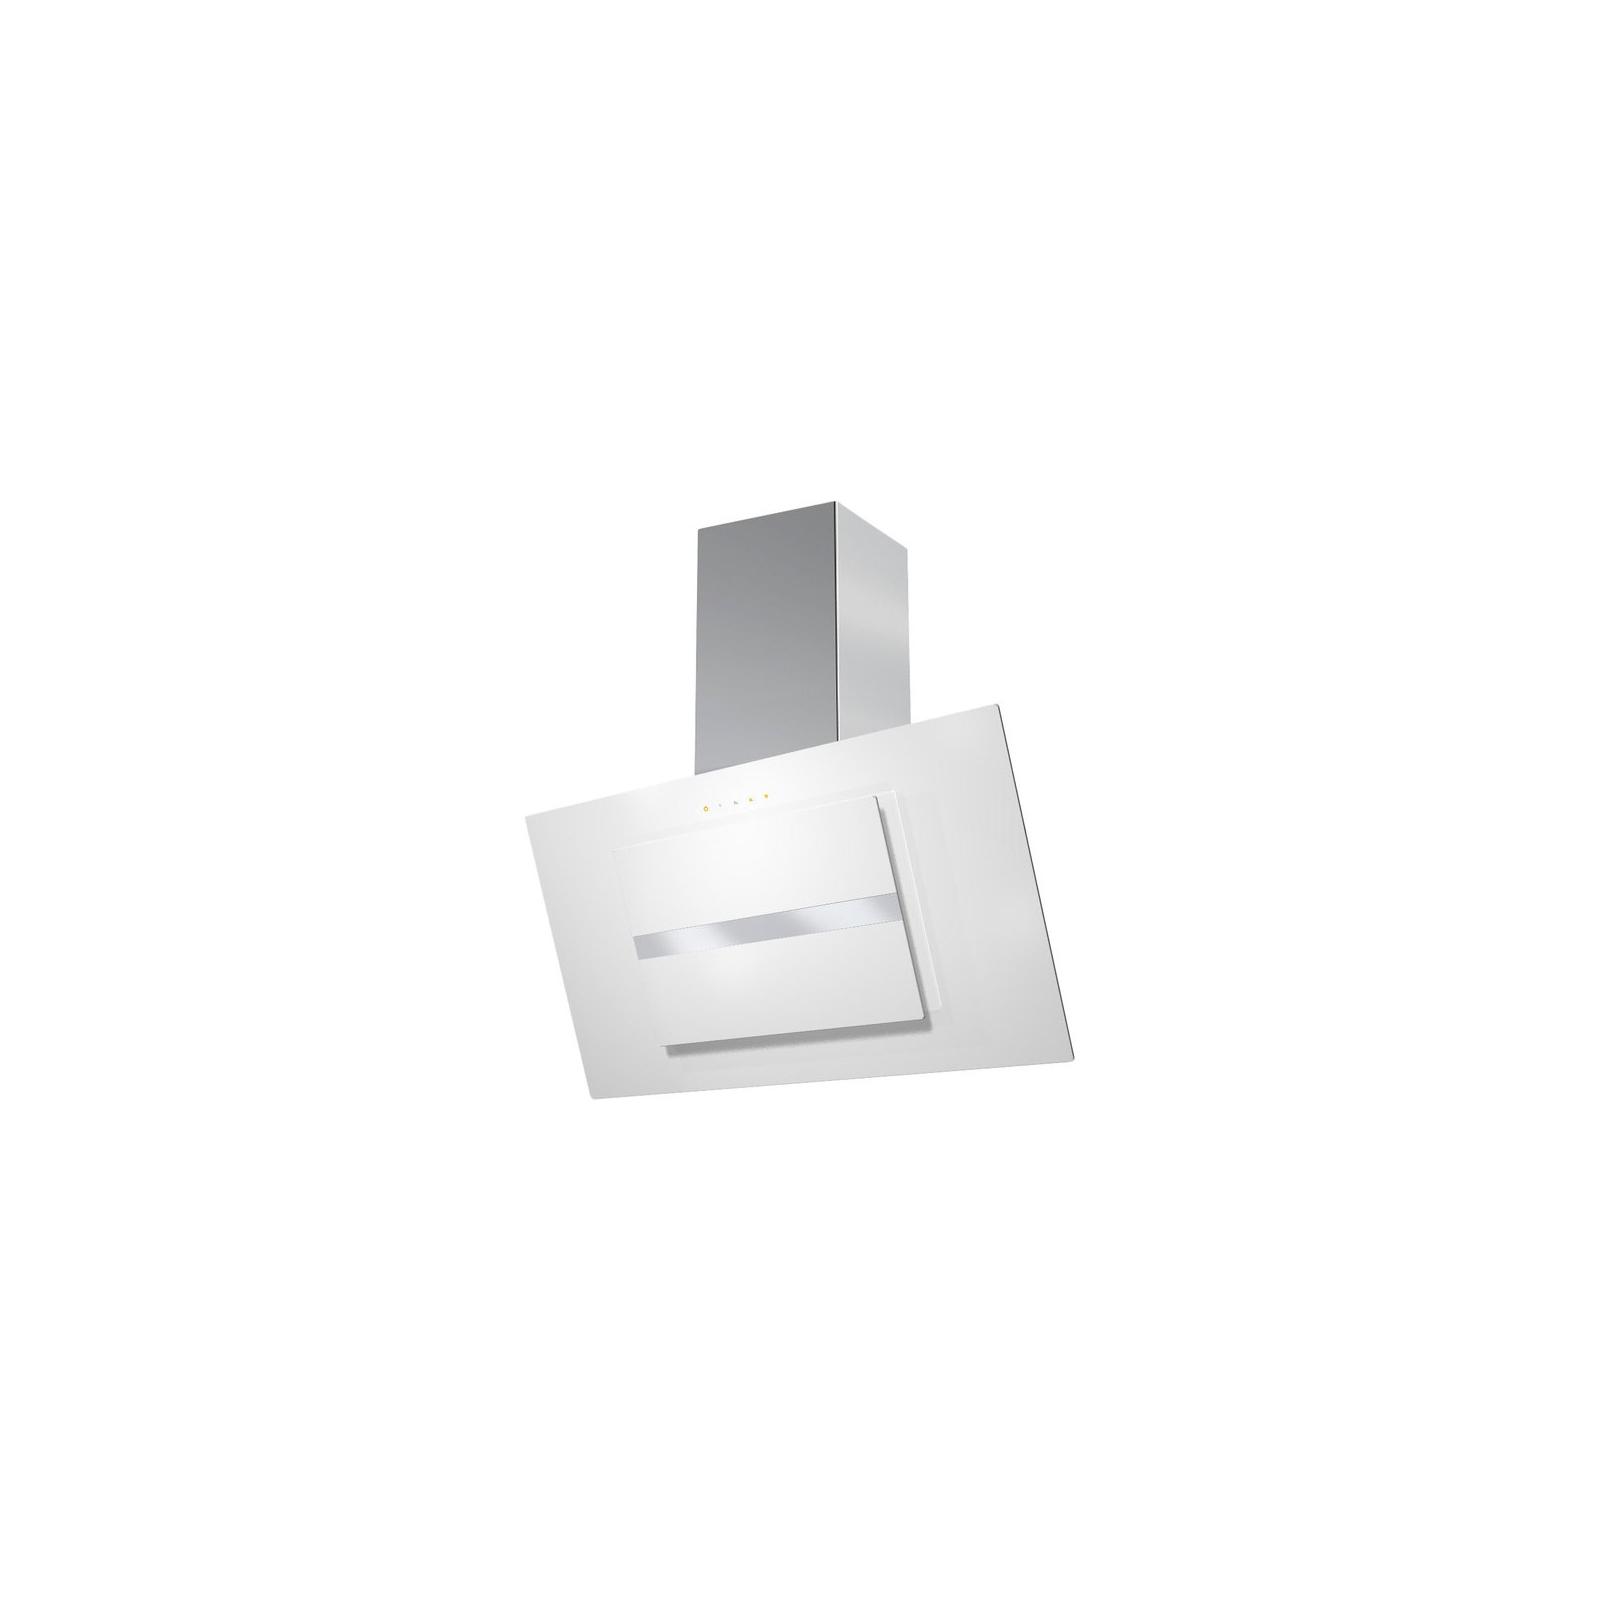 Вытяжка кухонная Faber NORTHIA EG8+ BK A90